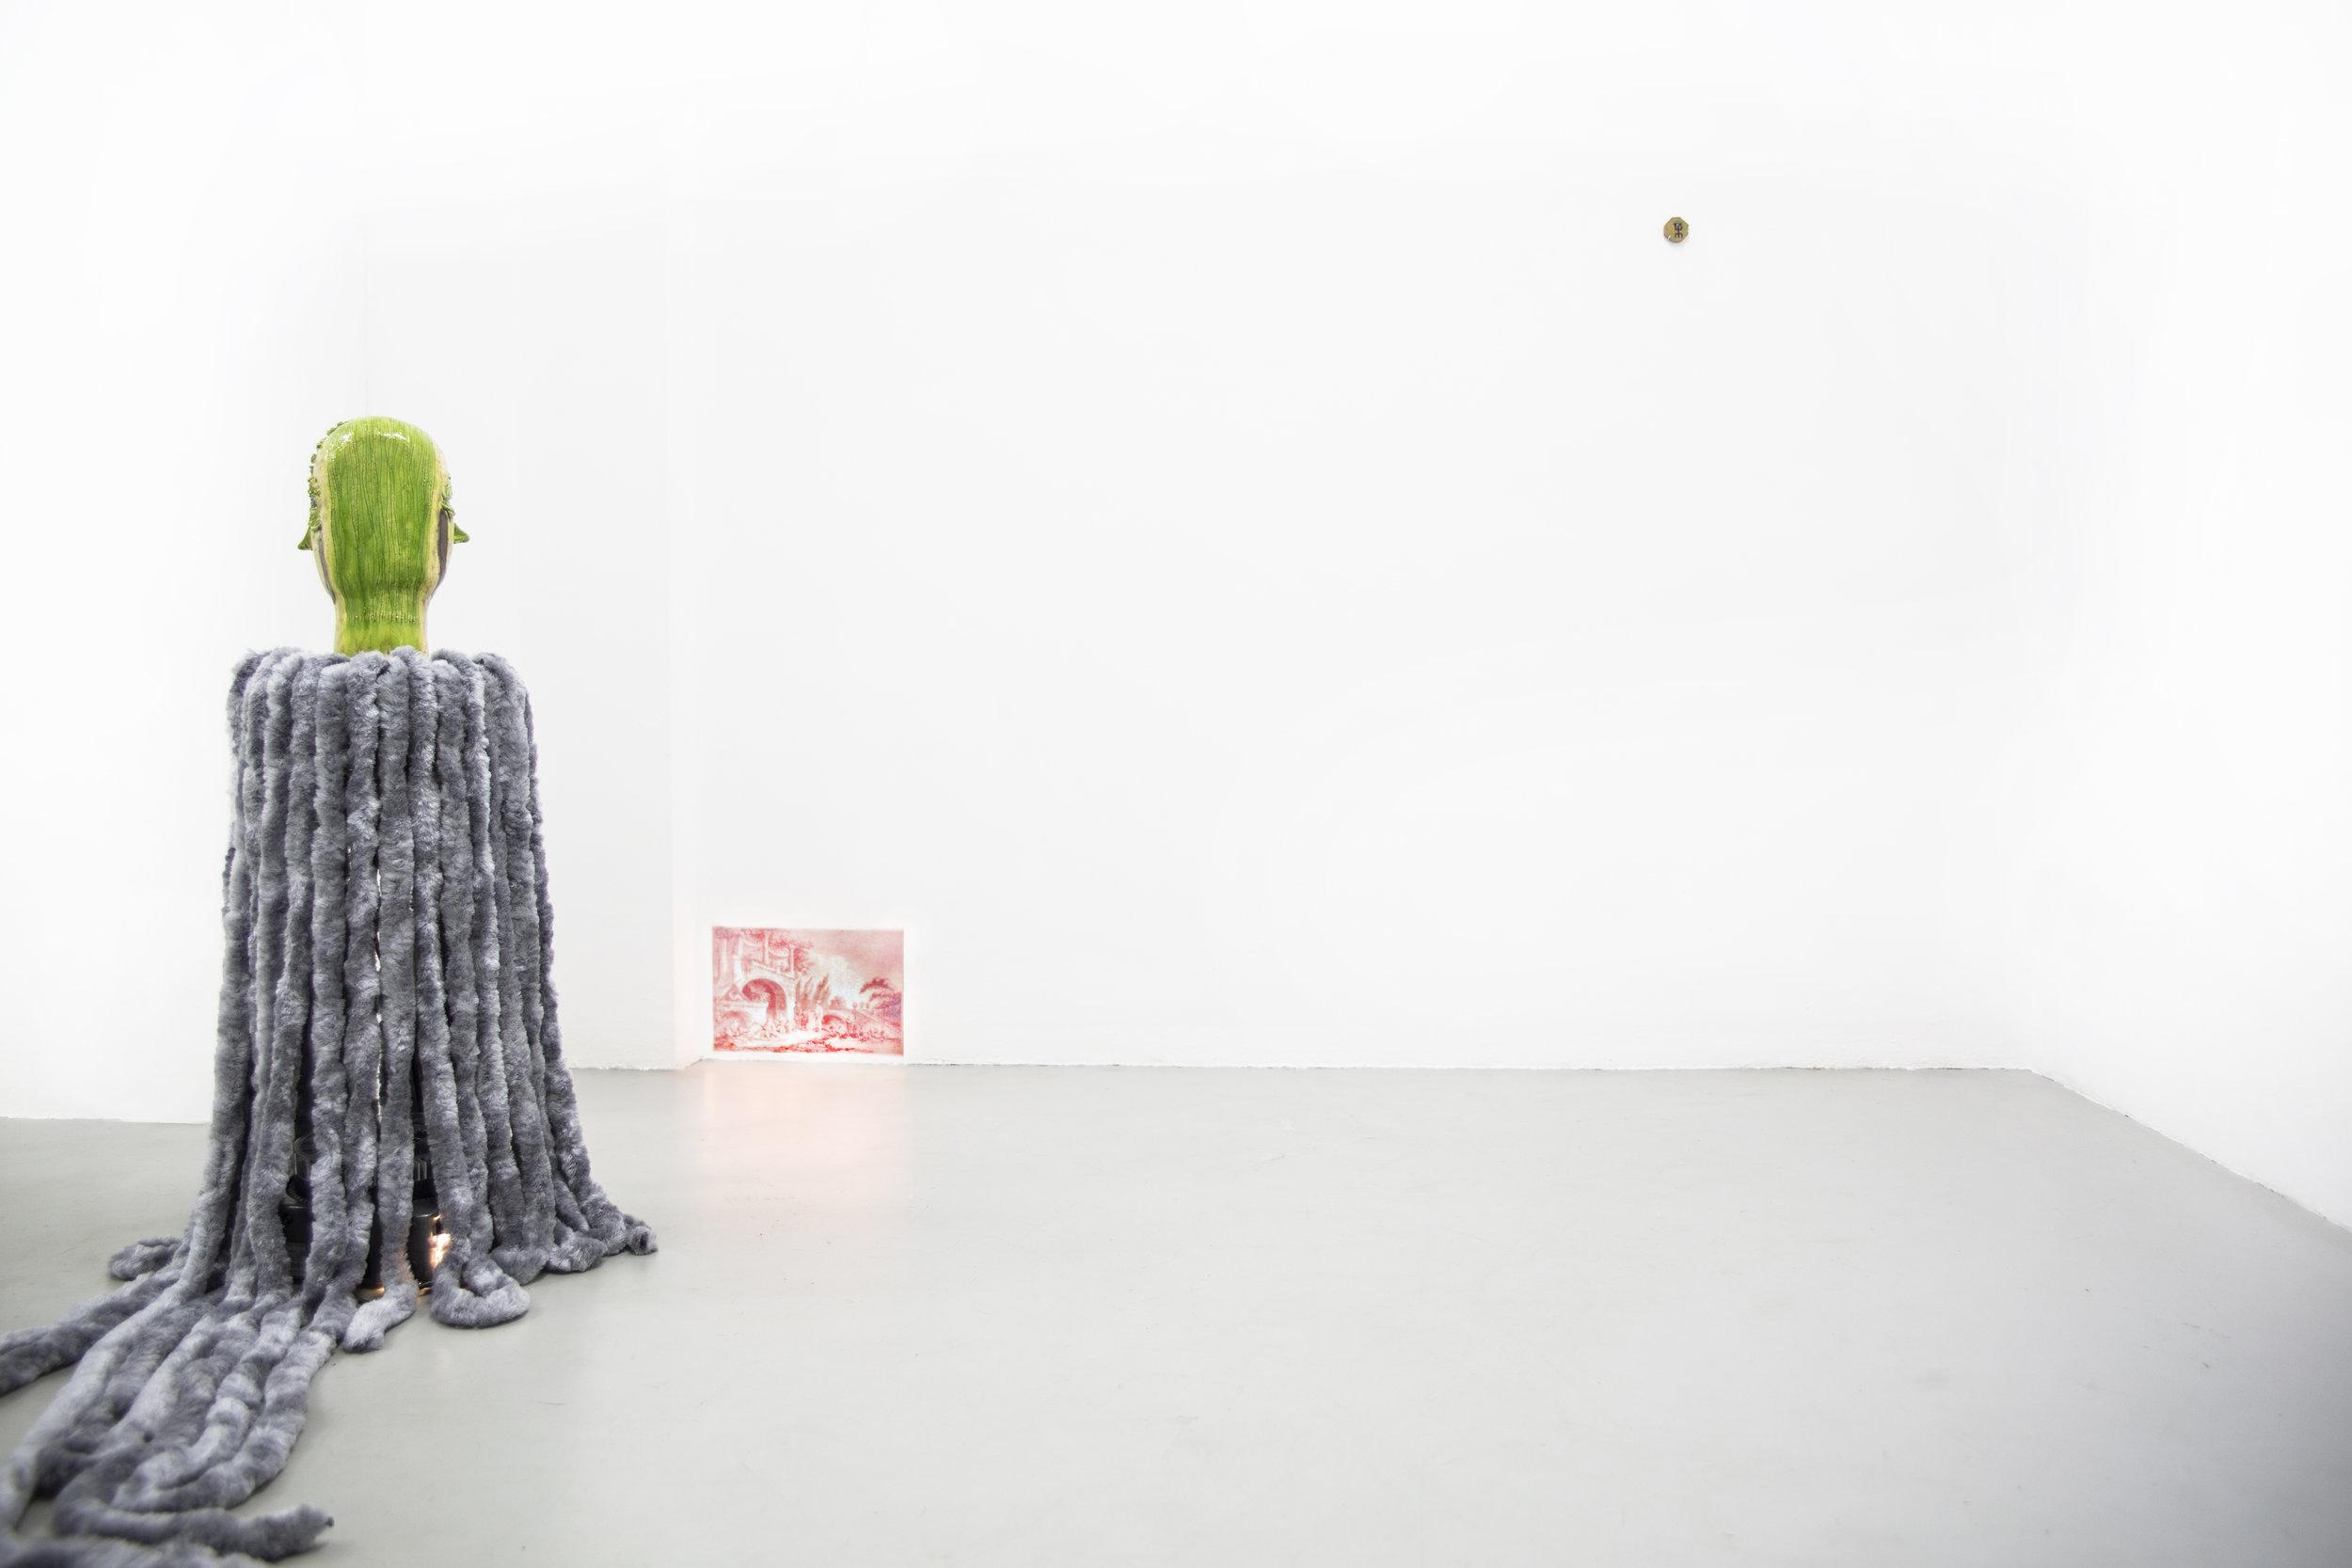 11 Giusy Pirrotta TAIXUNIA exhibition view, Dimora Artica.jpg